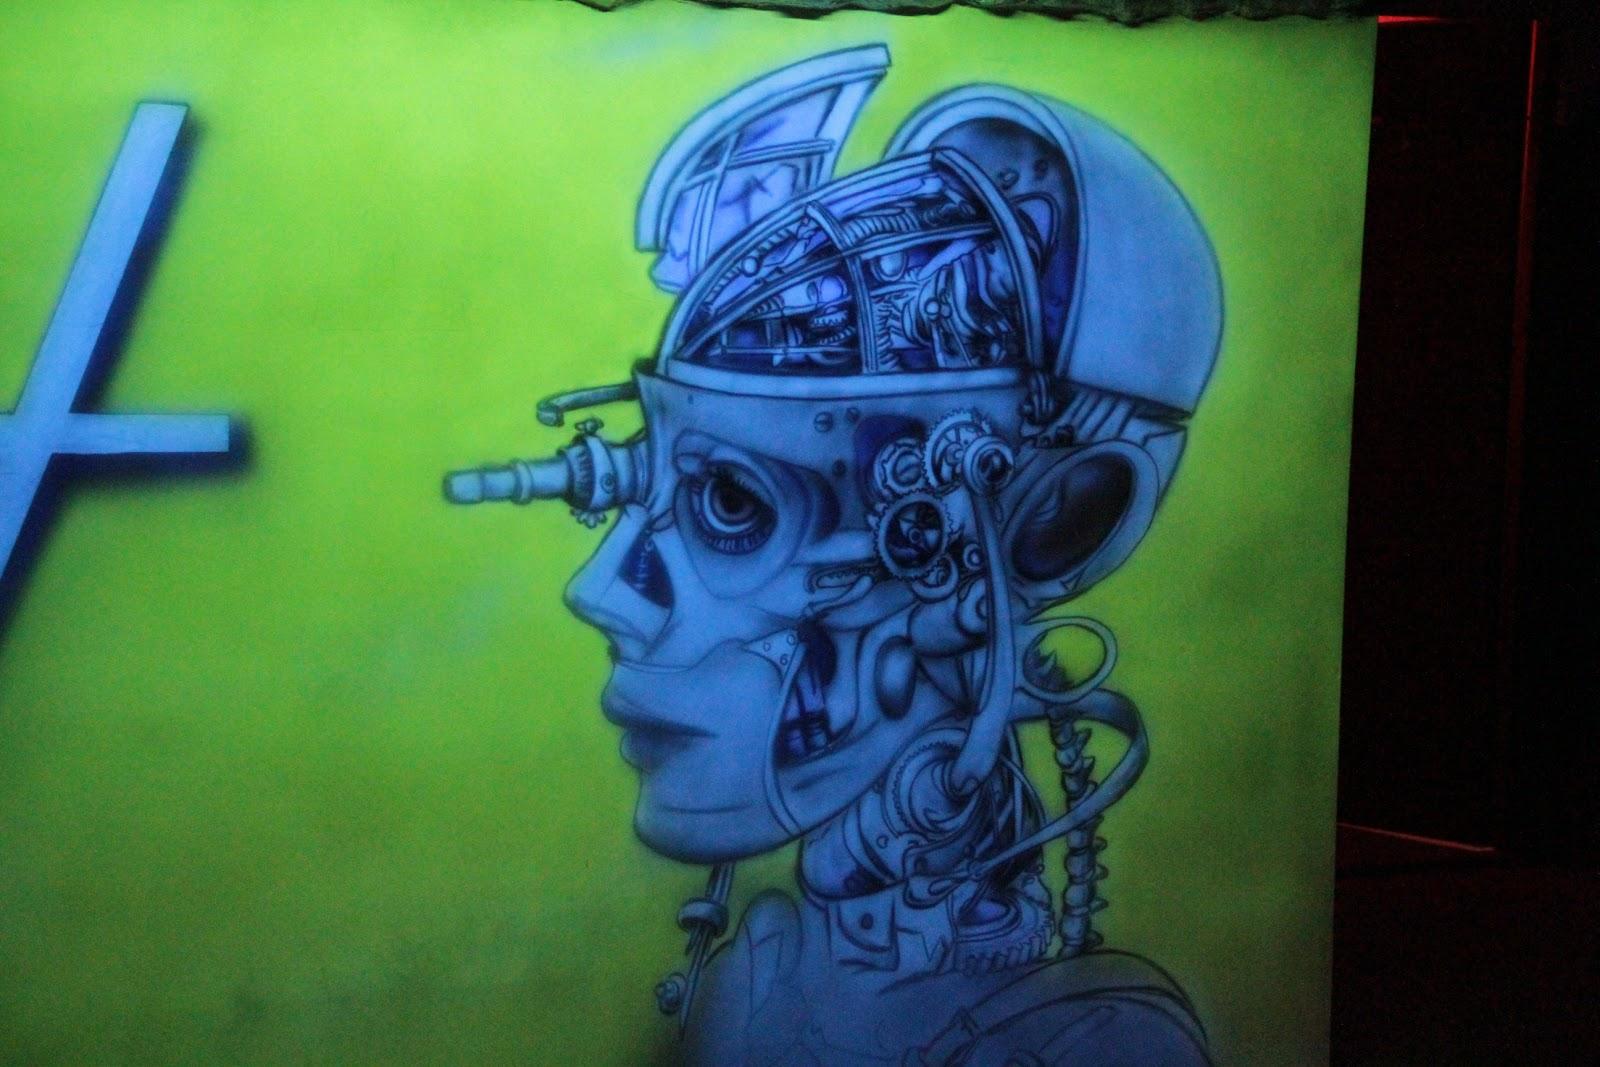 Mural świecący w ciemności, klub Arctcika w Płocku, artystyczny wystrój ściany, biomechanika